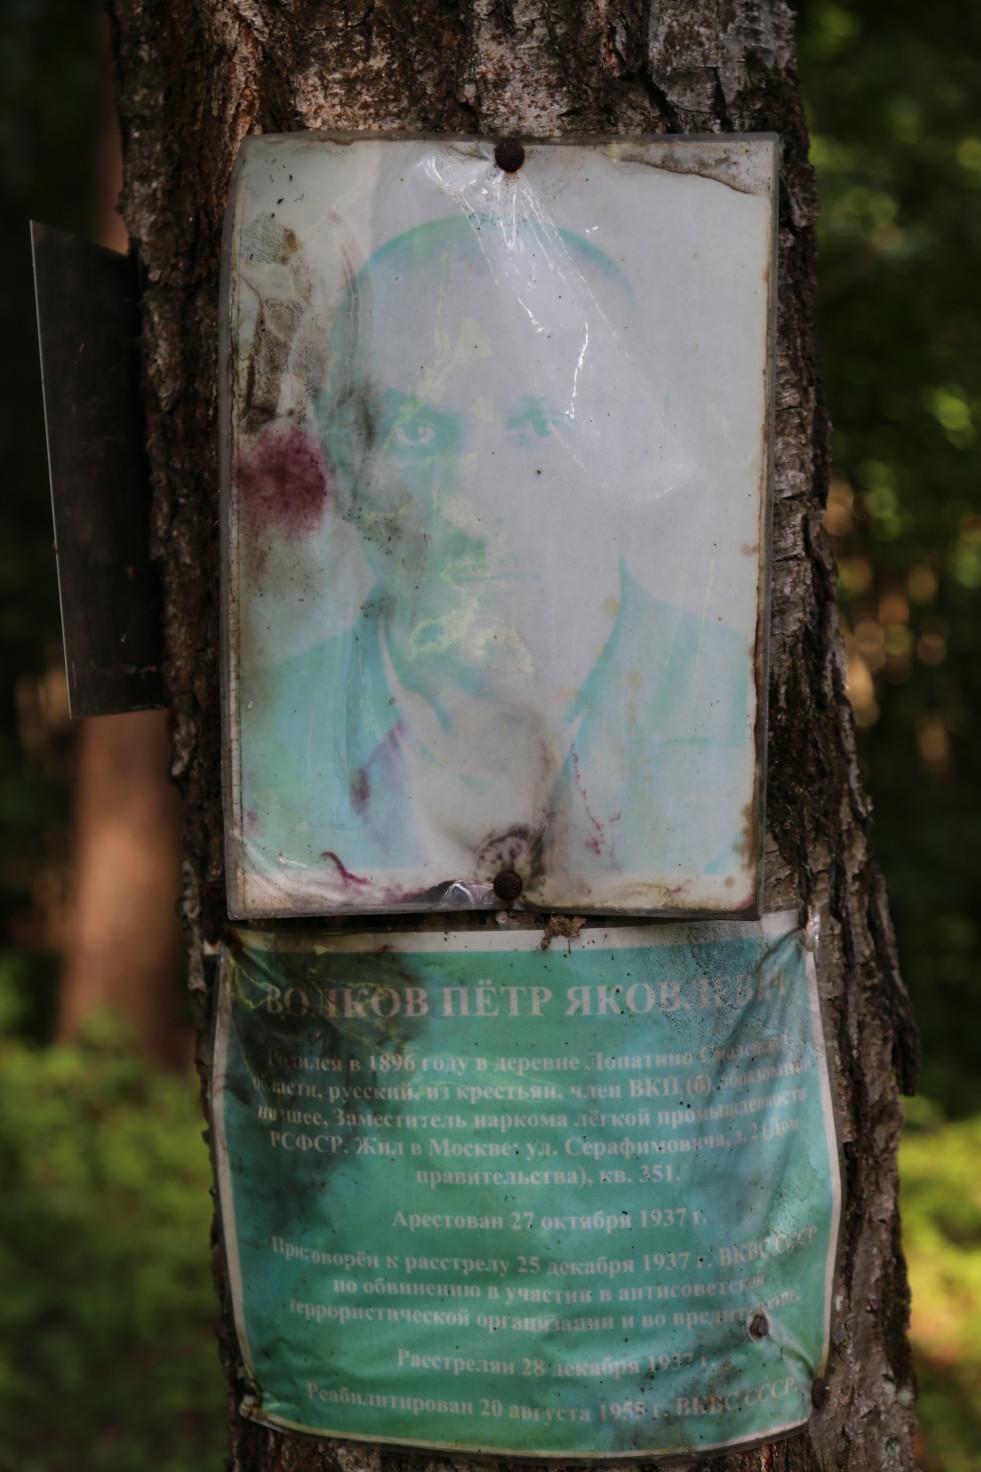 Памятный знак П.Я. Волкову. Фото 22.06.2018.